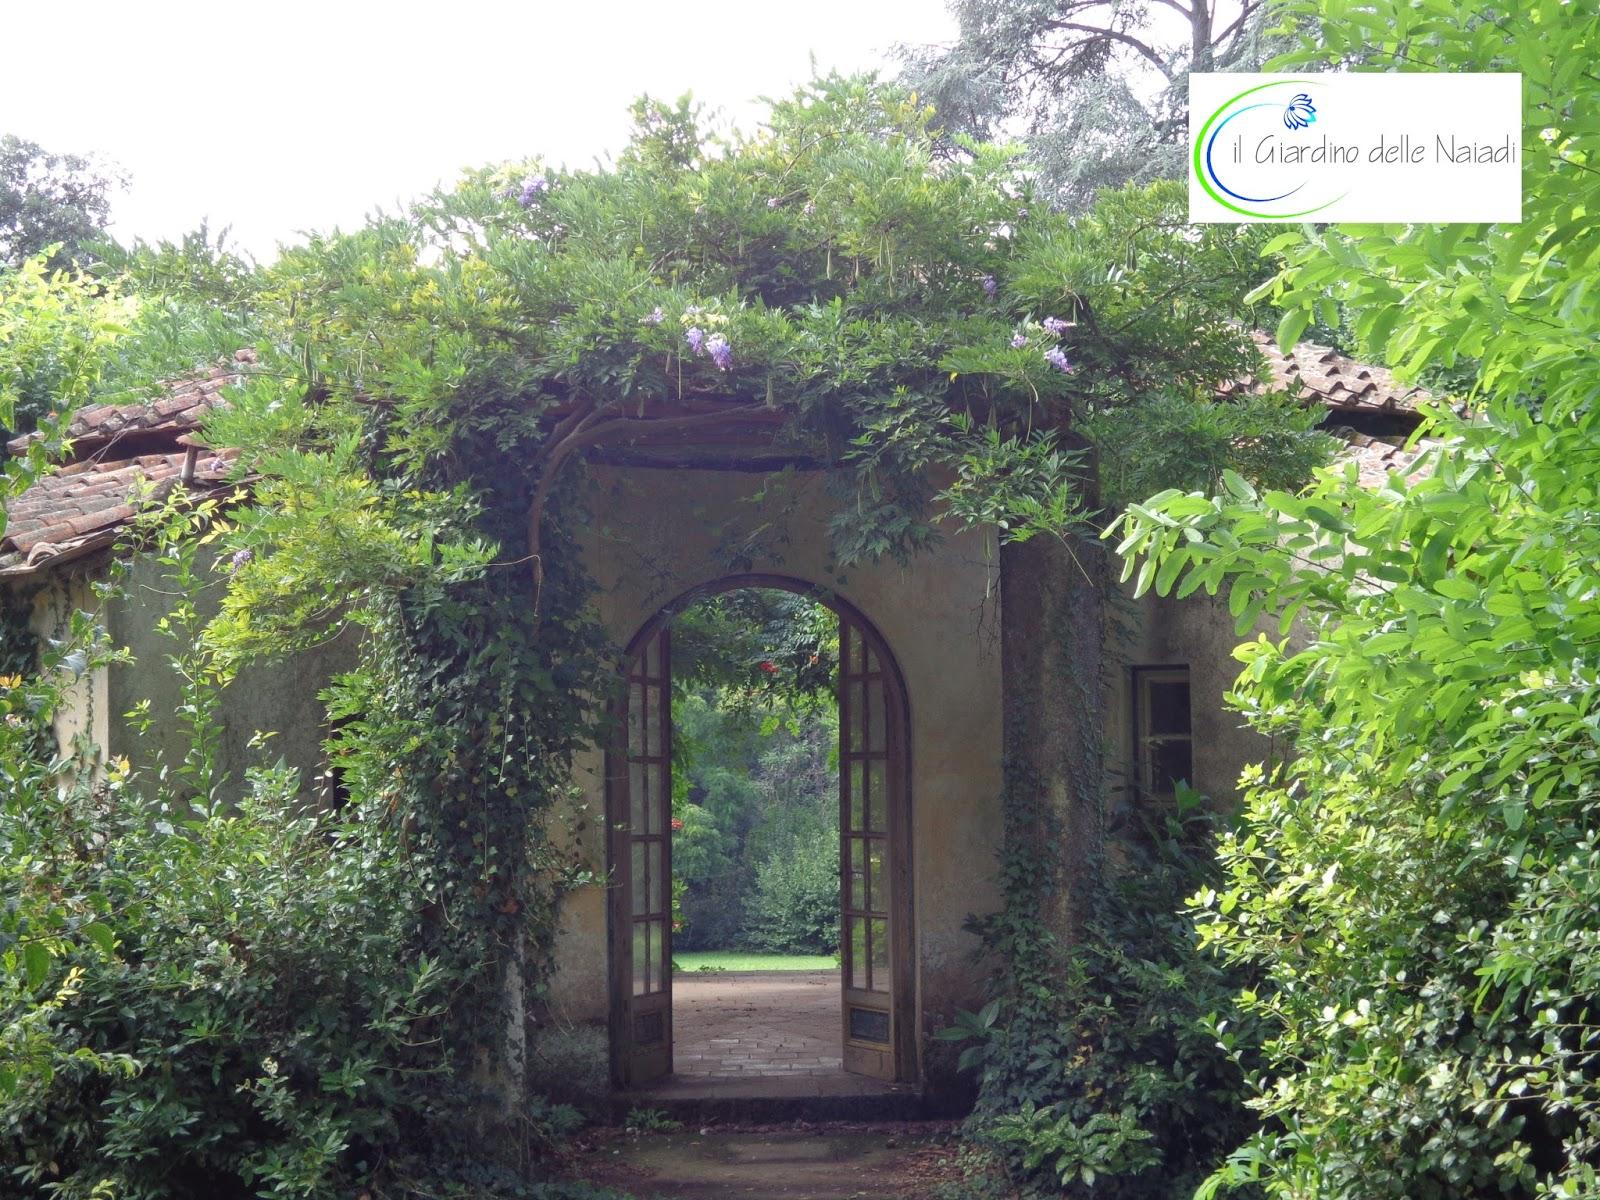 Il giardino delle naiadi: un giardino antistress